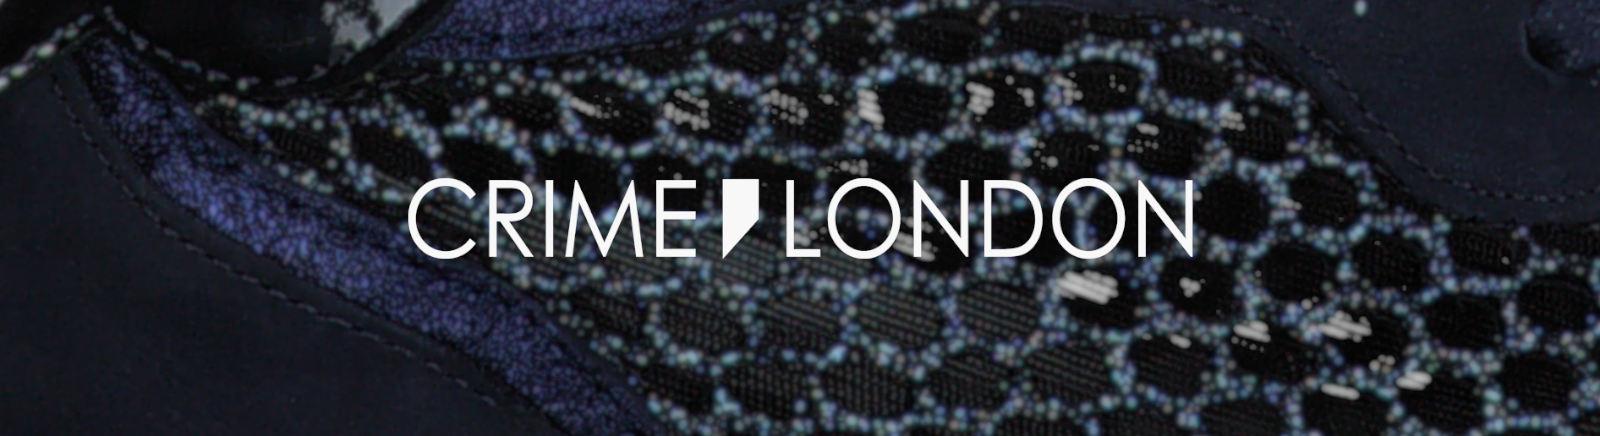 Prange: Crime London Herrenschuhe online shoppen